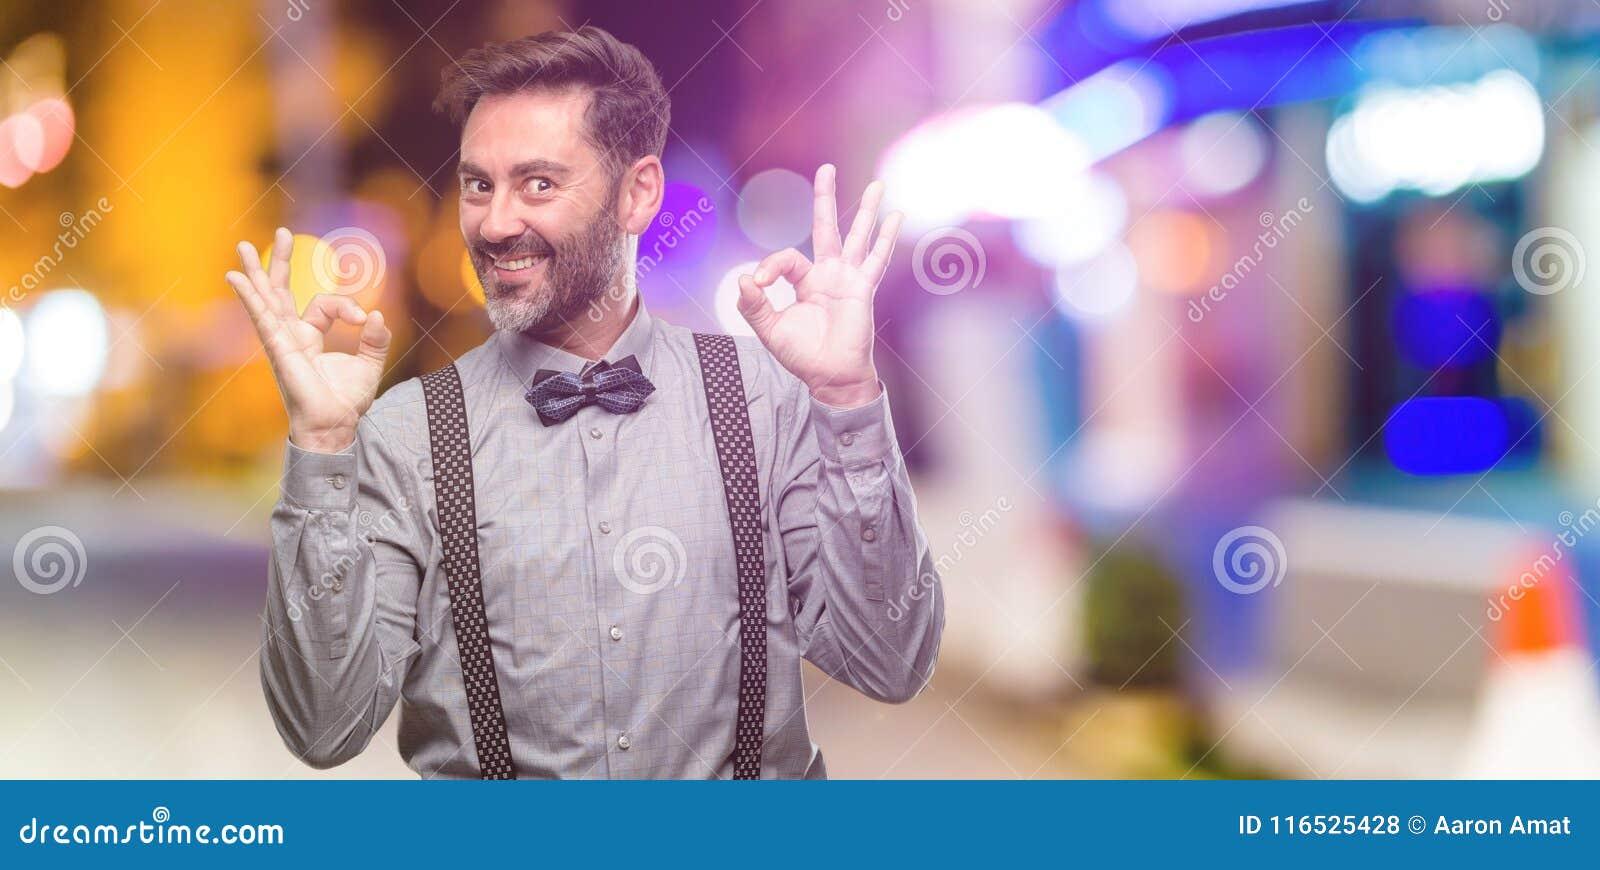 Middenleeftijdsmens die een kostuum dragen